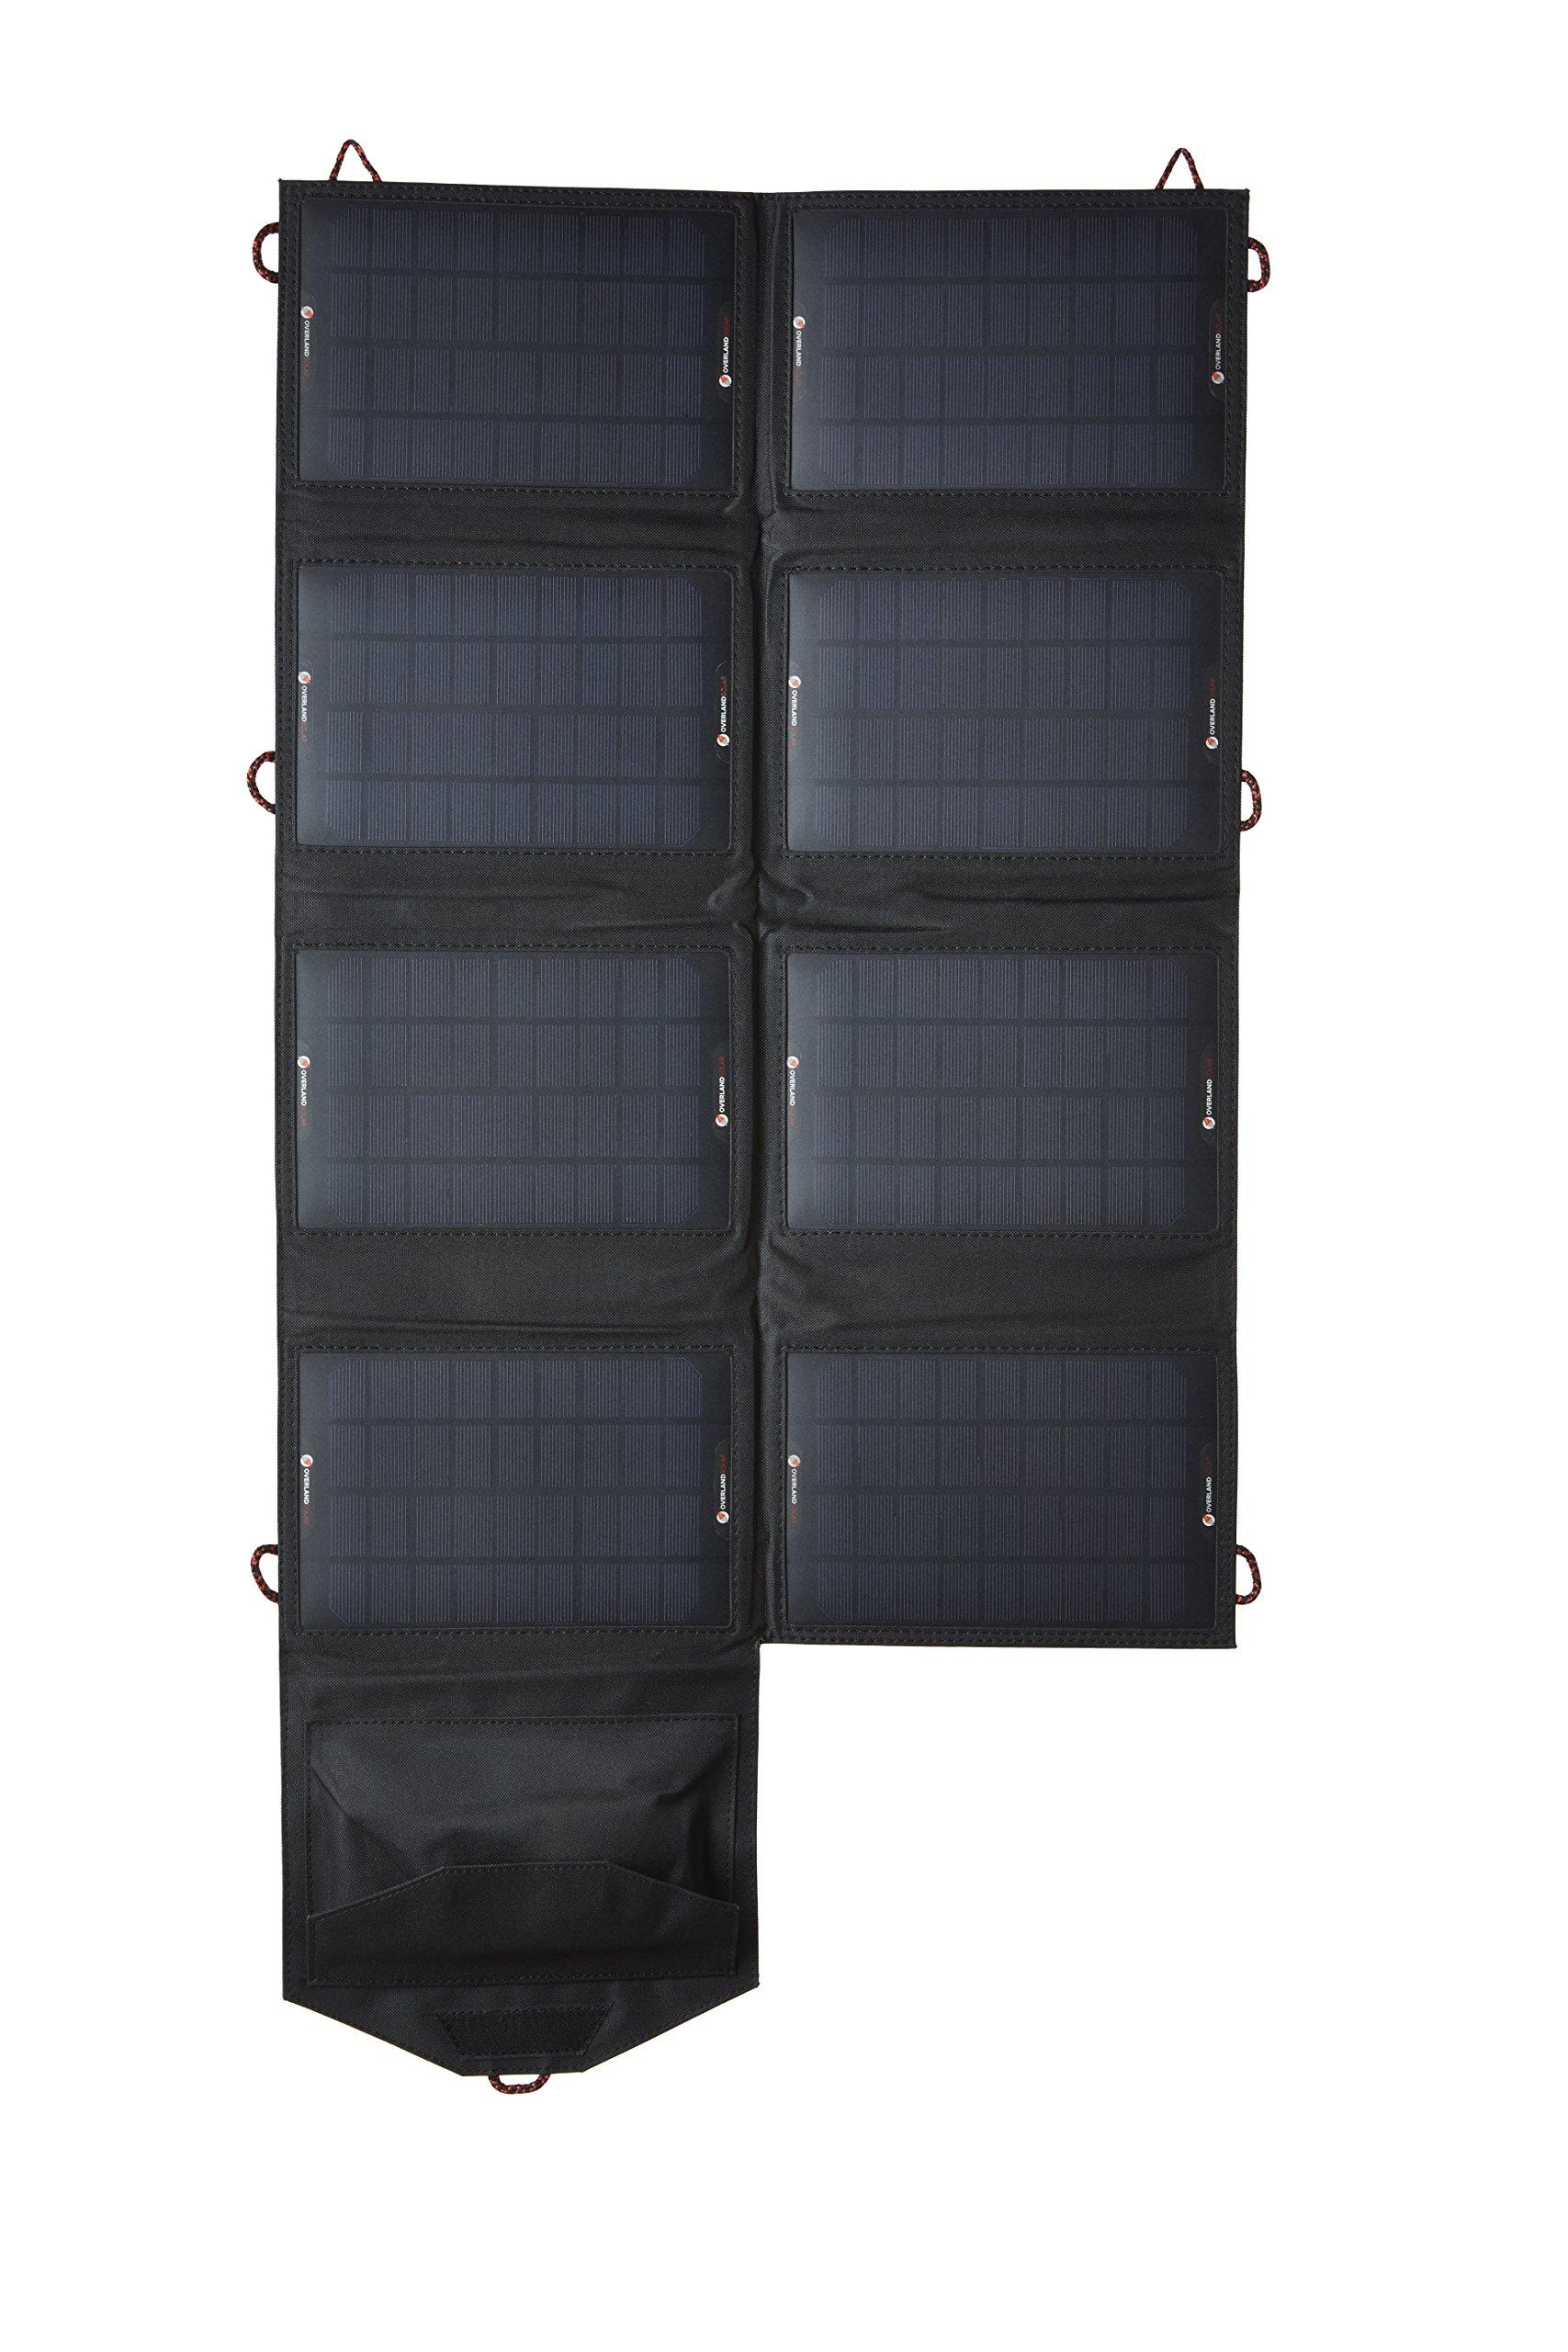 Overland Solar 28 Watt Ultra Portable Solar Charging System